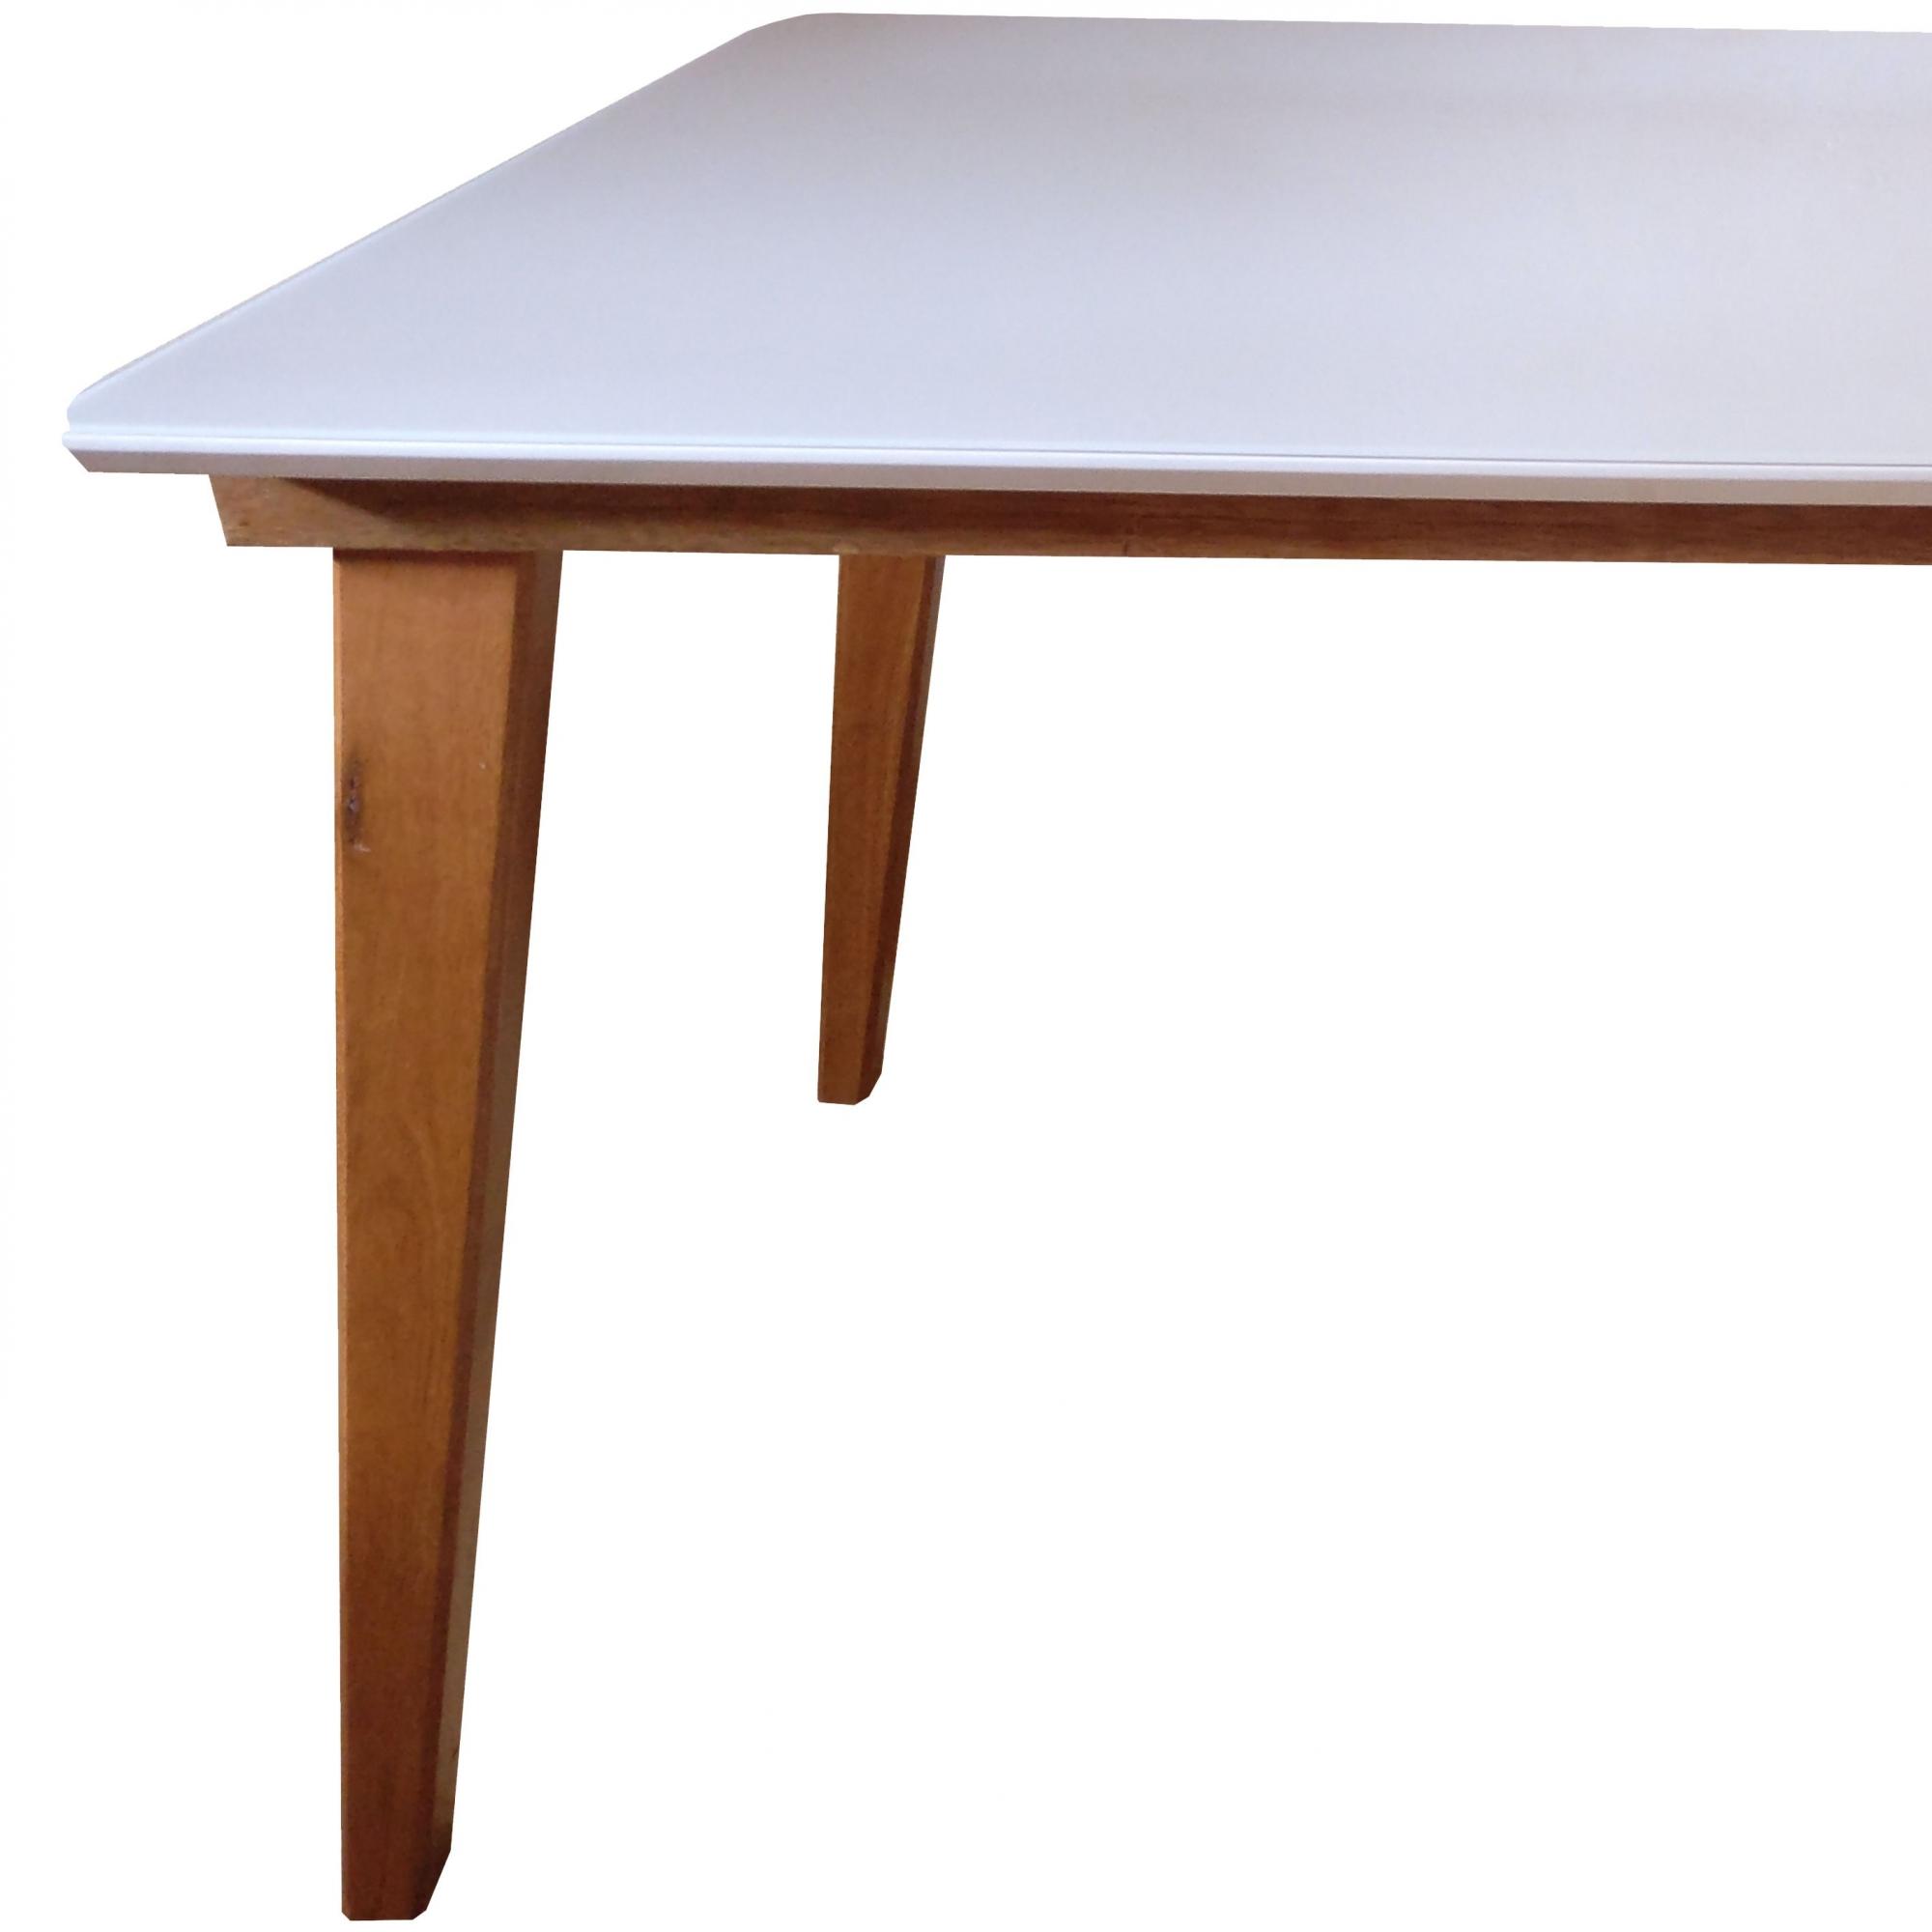 Tampo de Mesa para Sala Jantar Laqueado 1,2x0,9m Canto Copo